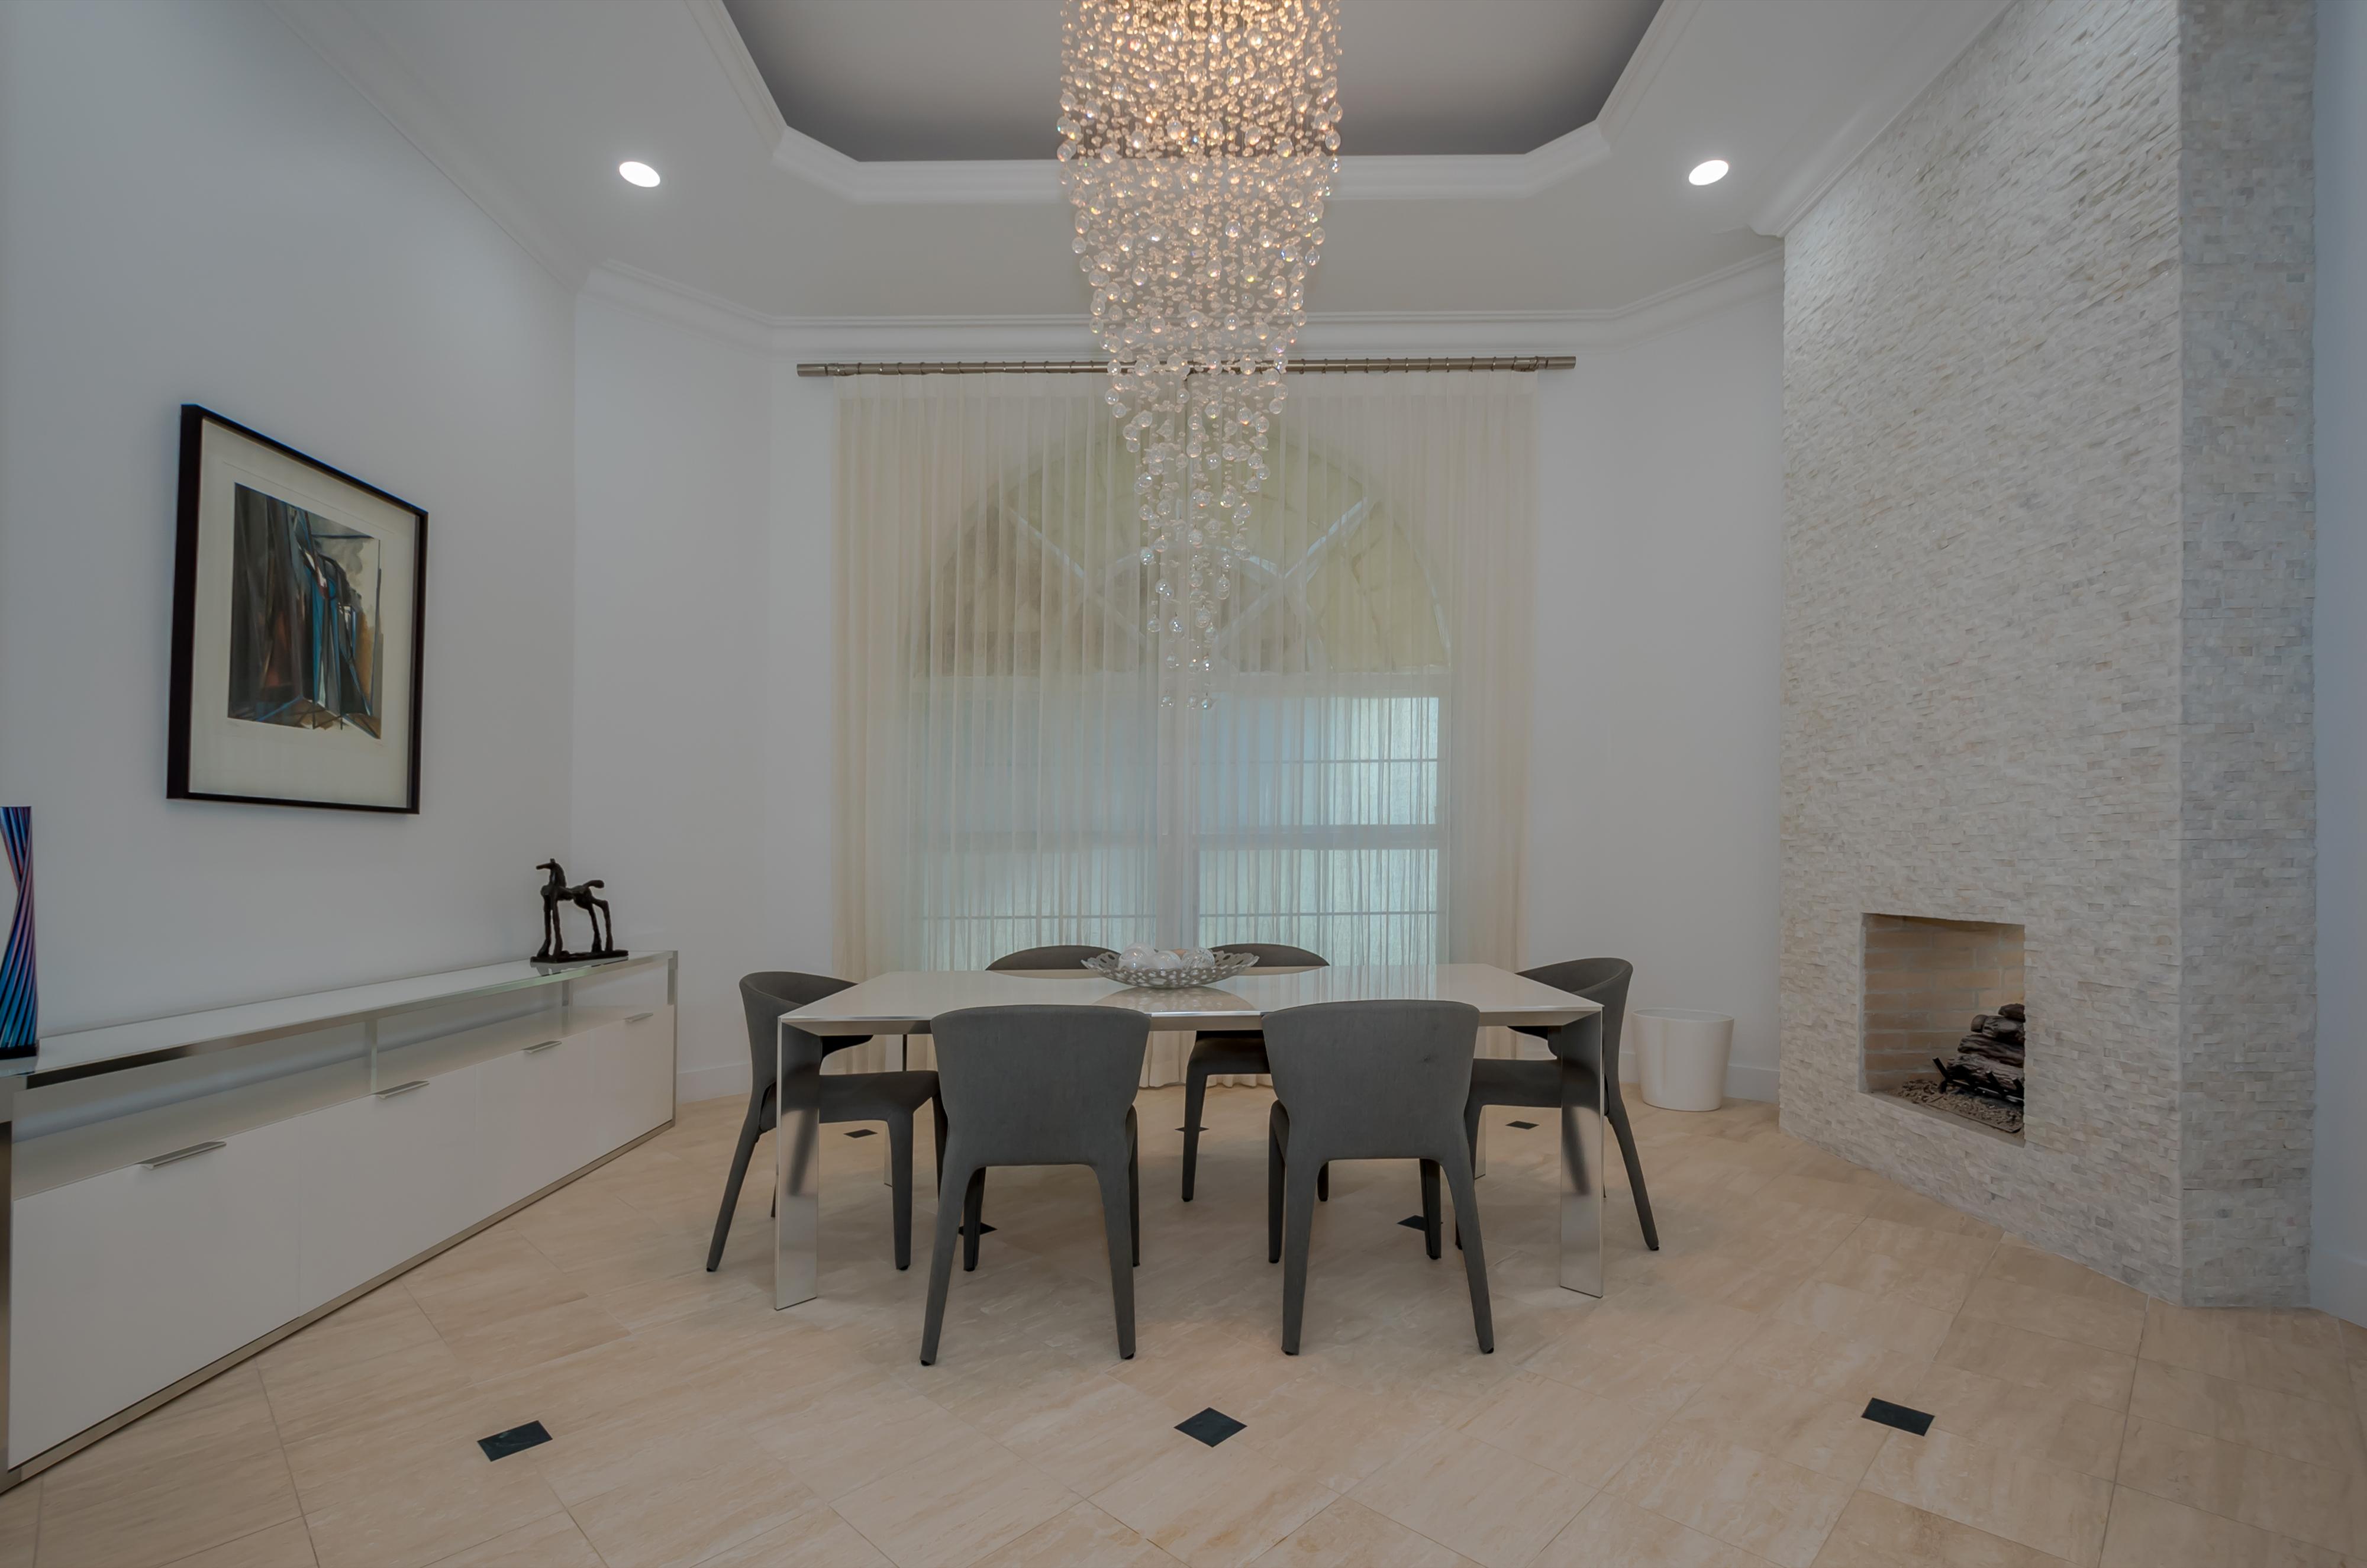 Classy Foyer Area & Grand Chandelier